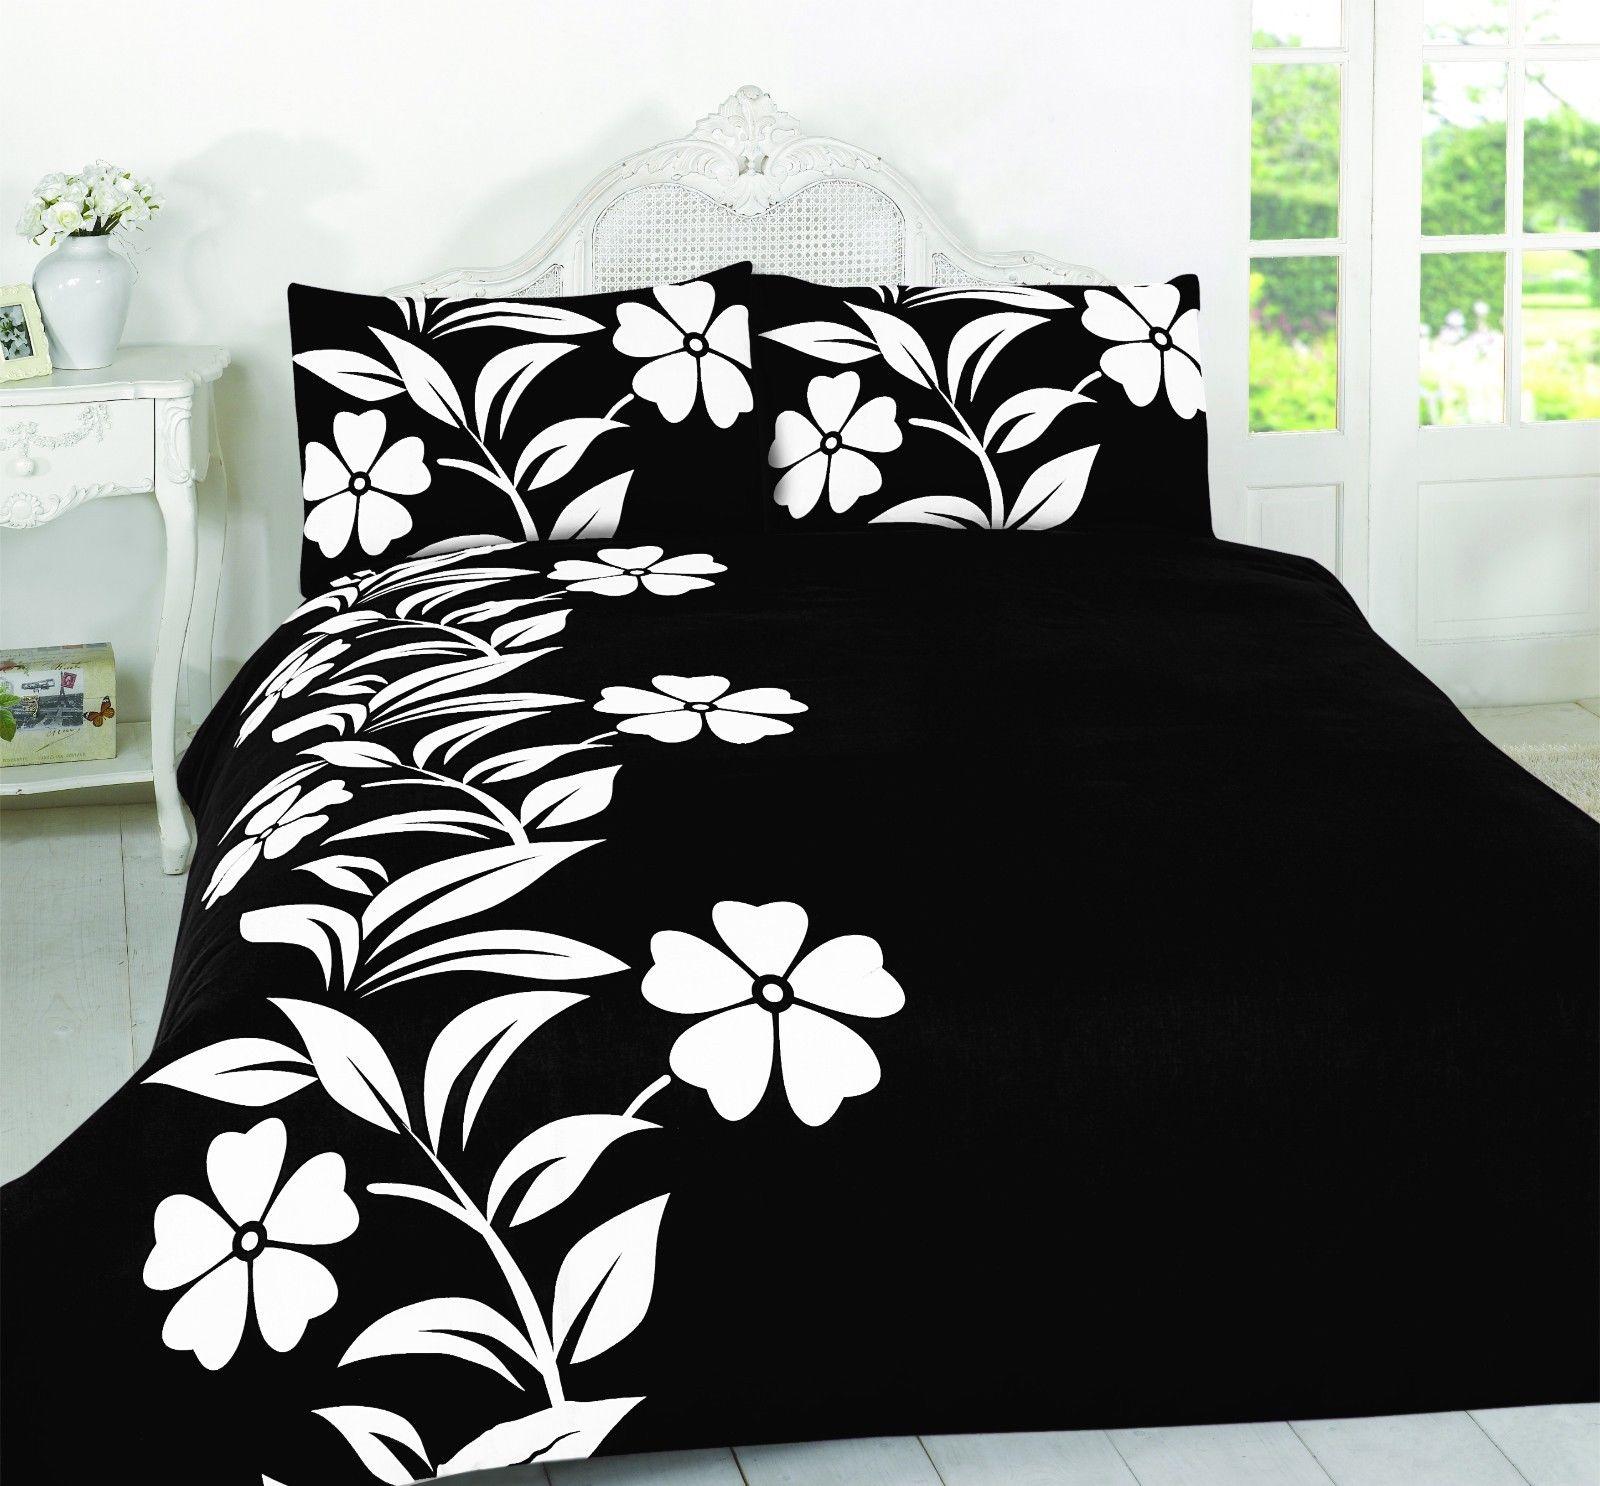 Alyssa Floral Duvet Set With Pillow Case Printed Bedding Set De Lavish